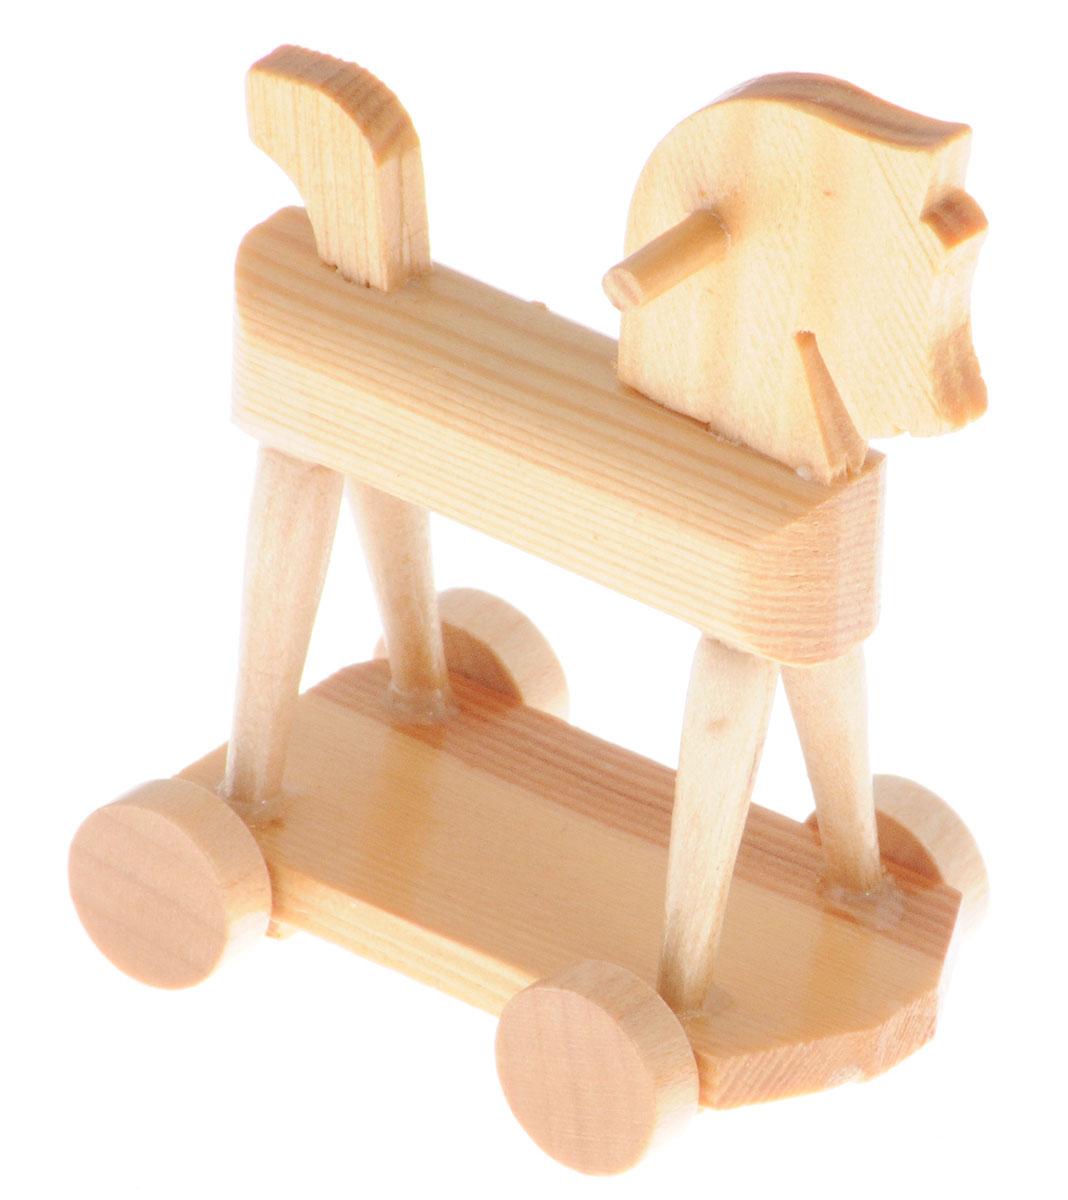 Fritz Canzler Лошадка-качалка на колесах для кукол цвет светло-коричневый13-4875-00Лошадка-качалка на колесах Fritz Canzler - это прекрасный аксессуар для игры с мини-куклами. Ваш ребенок может придумать и разыграть различные сценки, используя кукол и лошадку. Игрушка изготовлена из высококачественного материала, в производстве используется древесина бука и клена. Лошадка-качалка Fritz Canzler обеспечивает развитие и обучение вашего ребенка в процессе игры. Производство осуществляется в Германии.